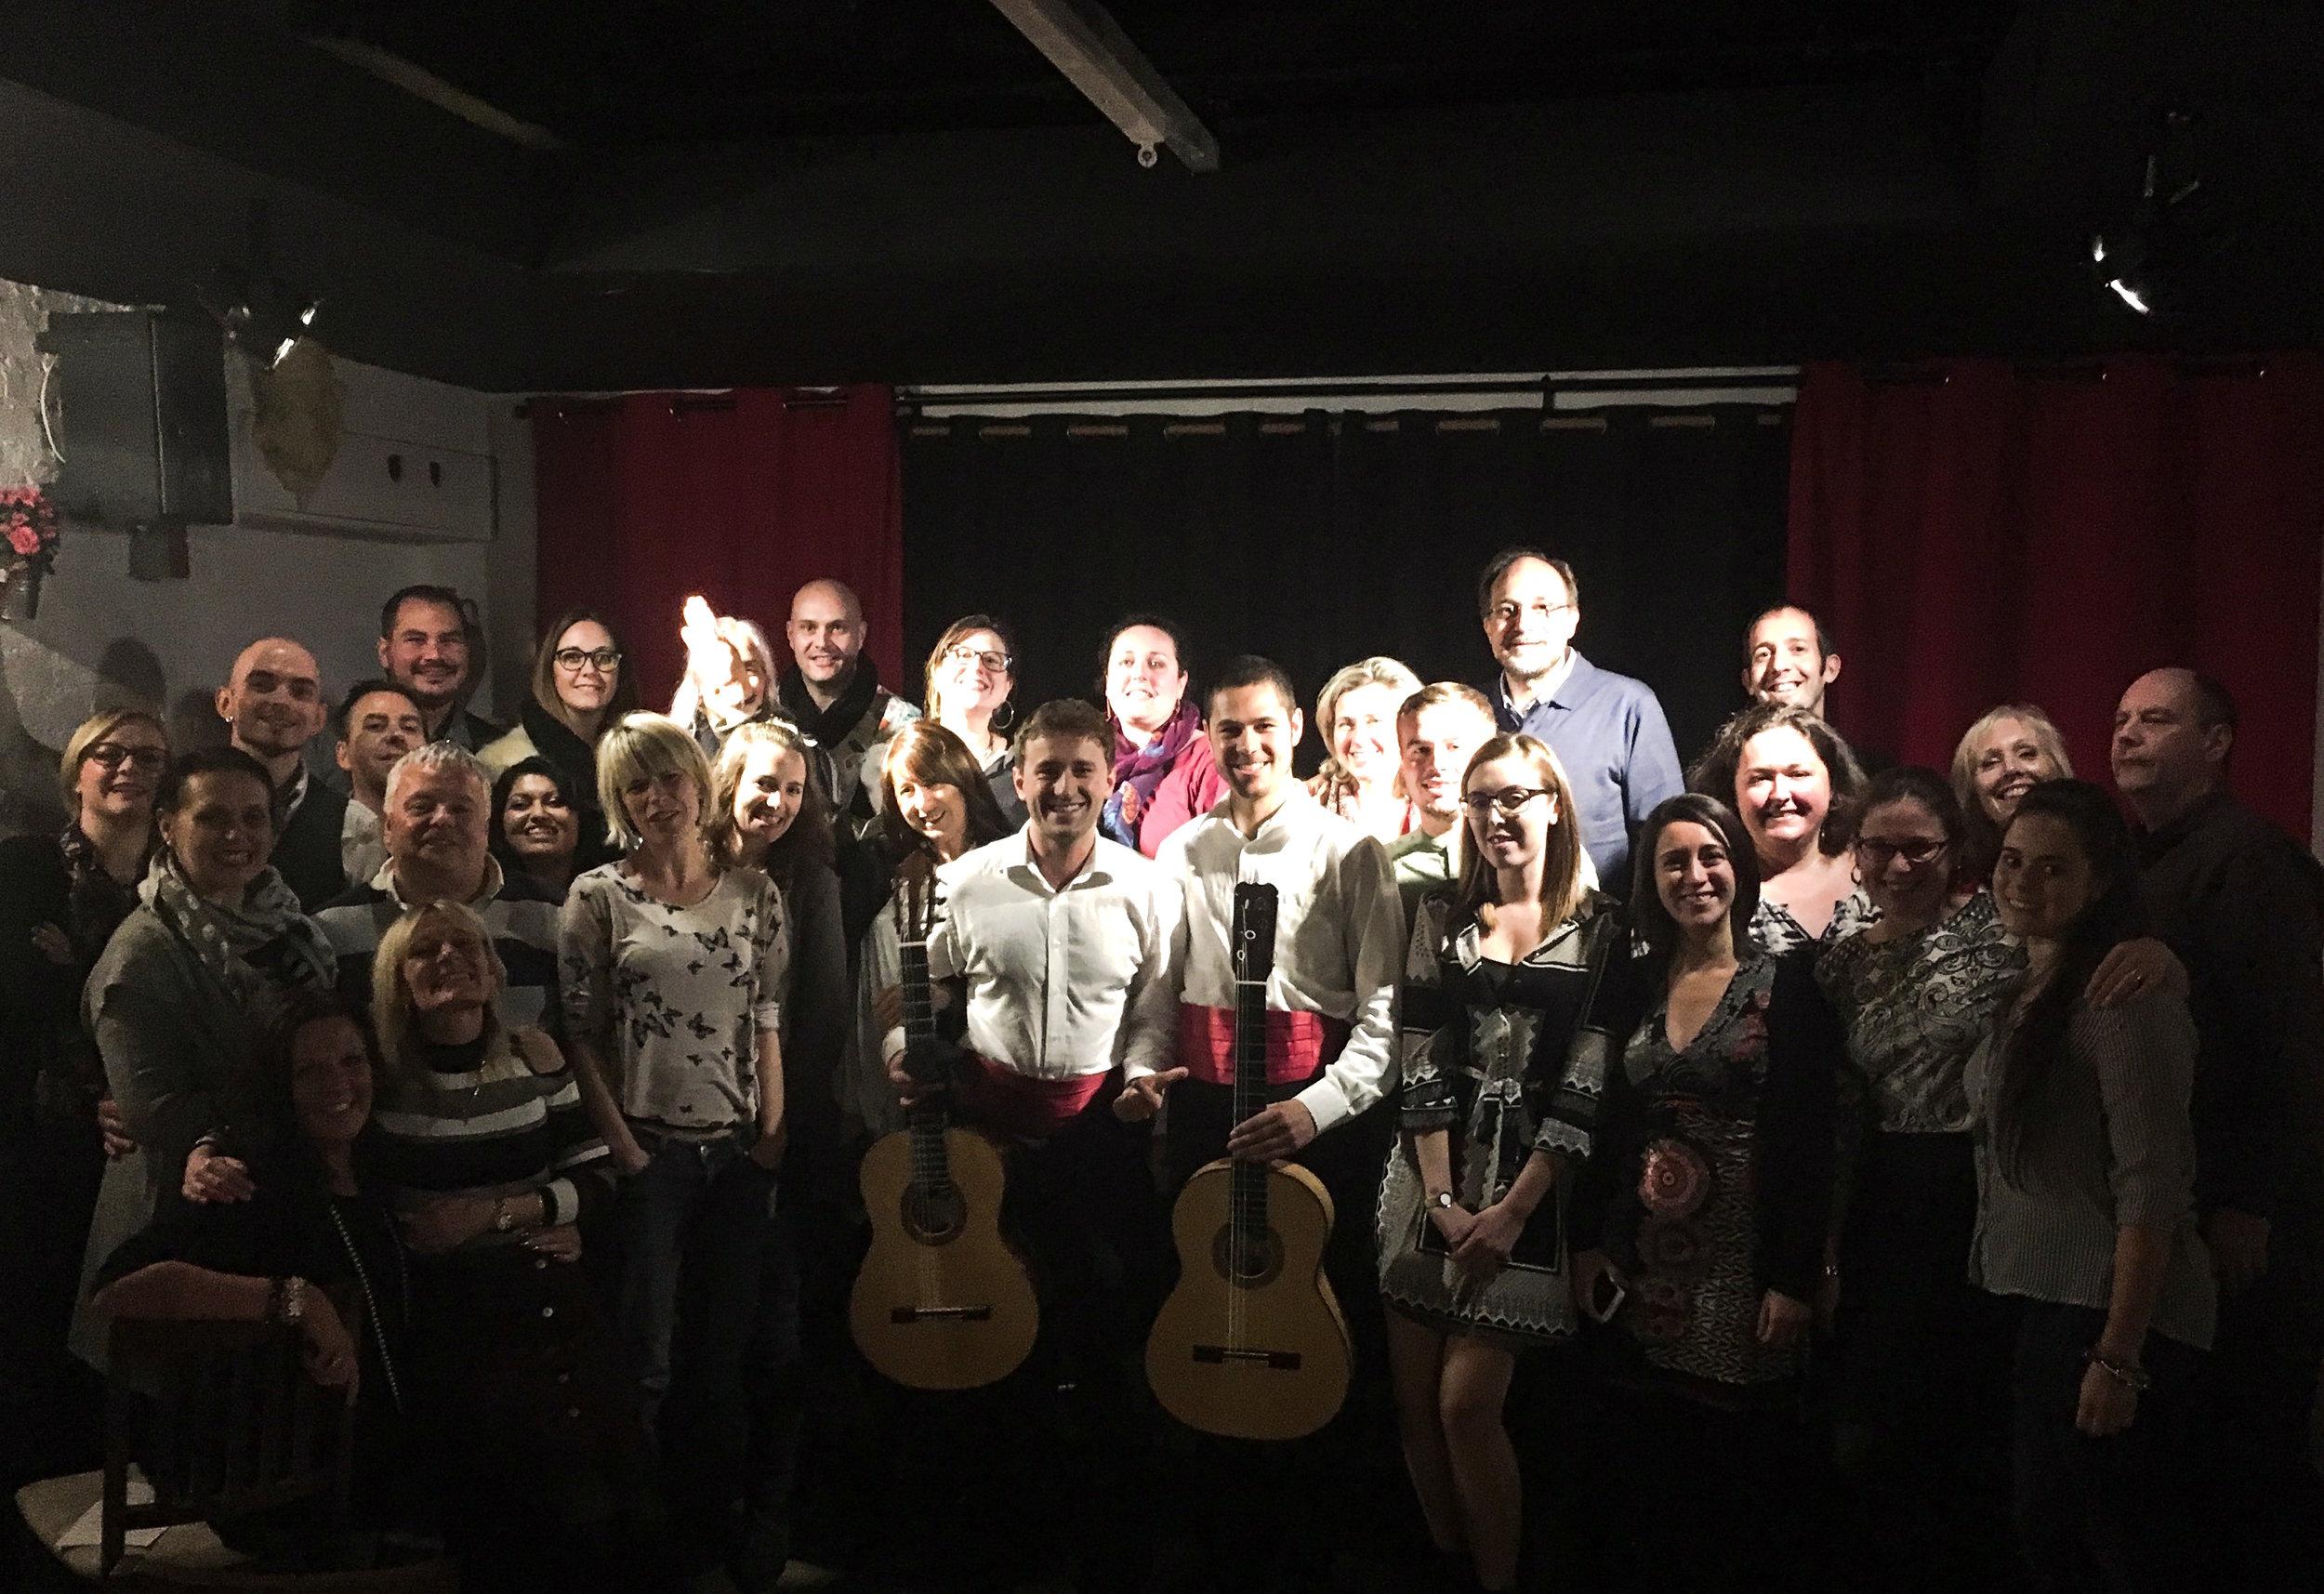 Amantia, Birmingham - Saturday 8th October 2016